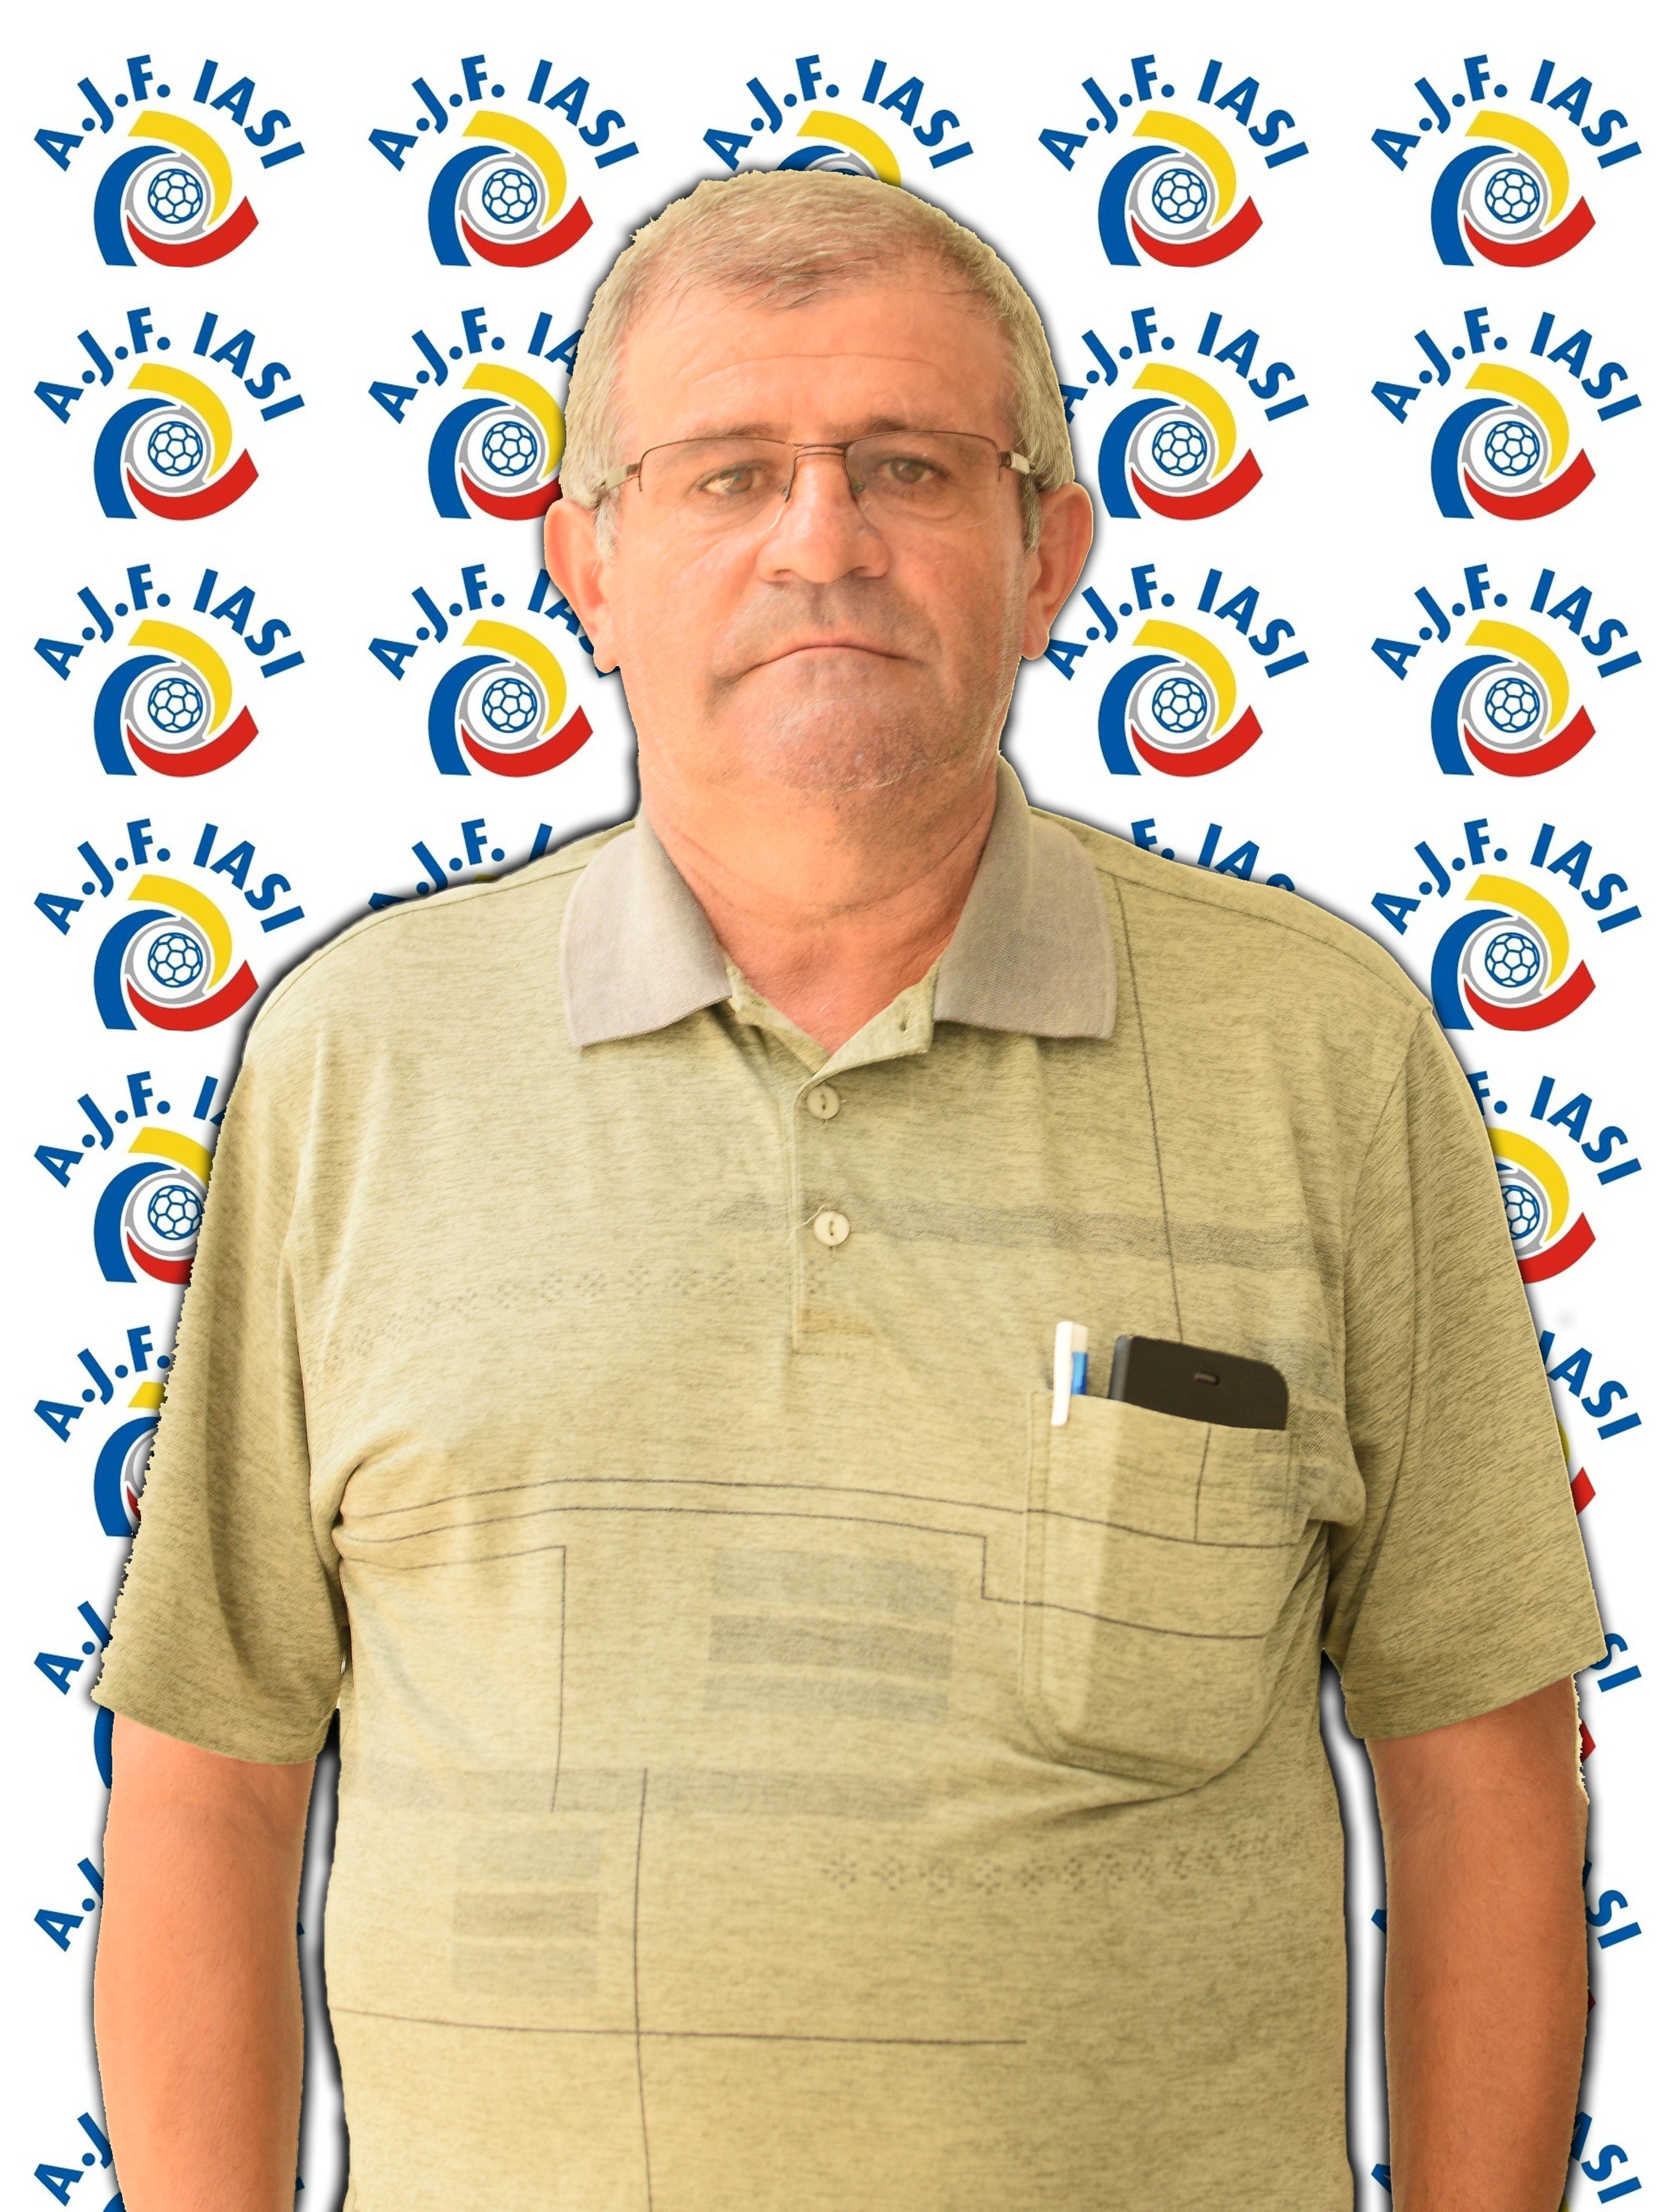 Dumitrascu Vasile